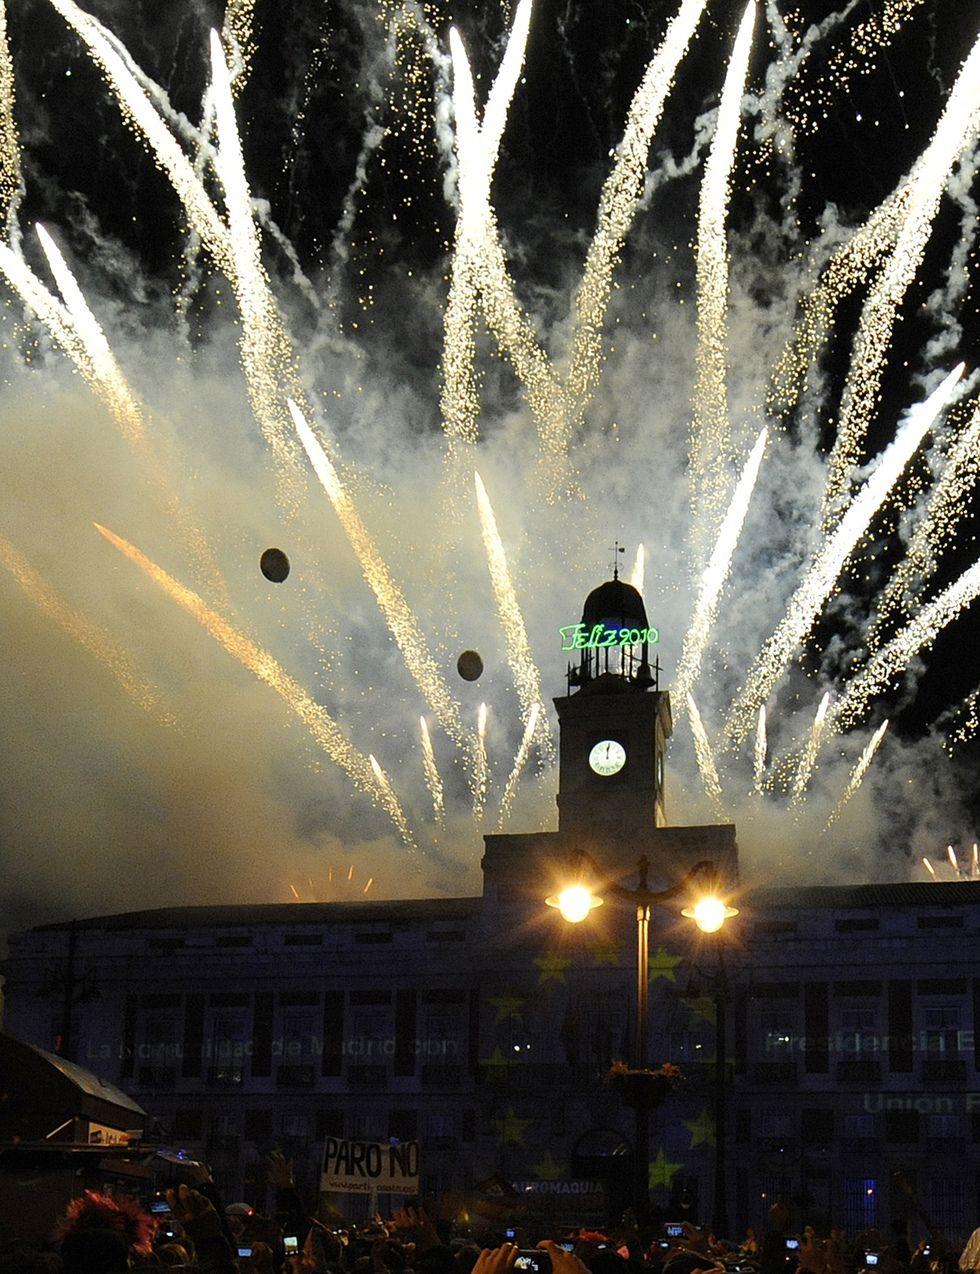 Foto Fuegos Artificiales Desde La Puerta Del Sol De Madrid En Nochevieja En Madrid Fuegos Artificiales Navidad En Madrid Nochevieja Madrid